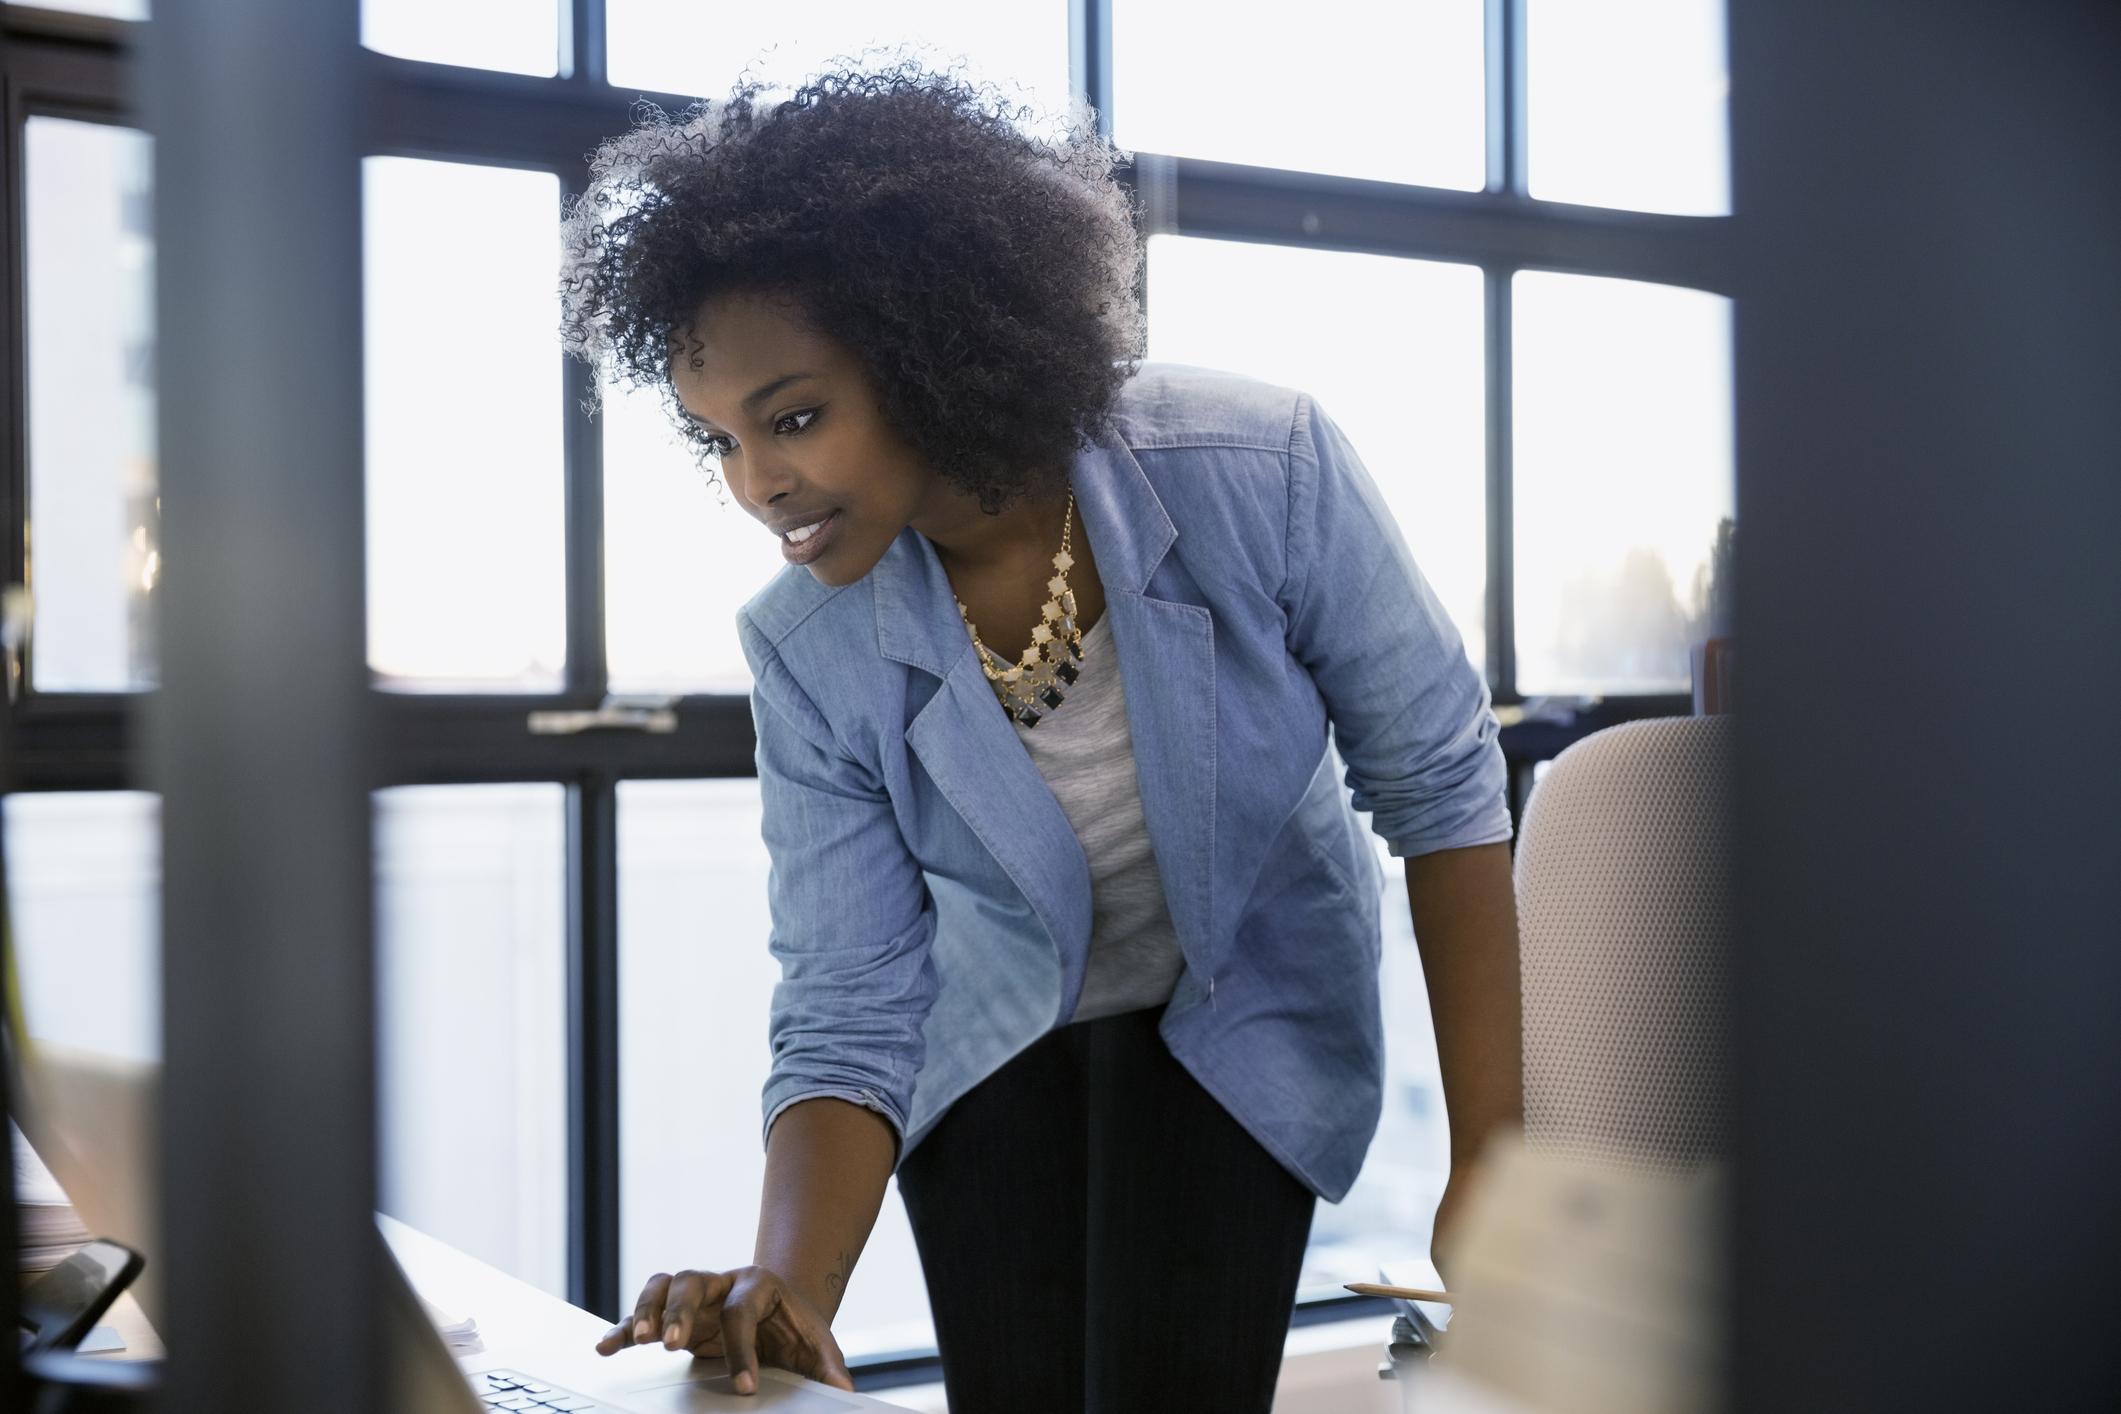 Woman in blue blazer working in office